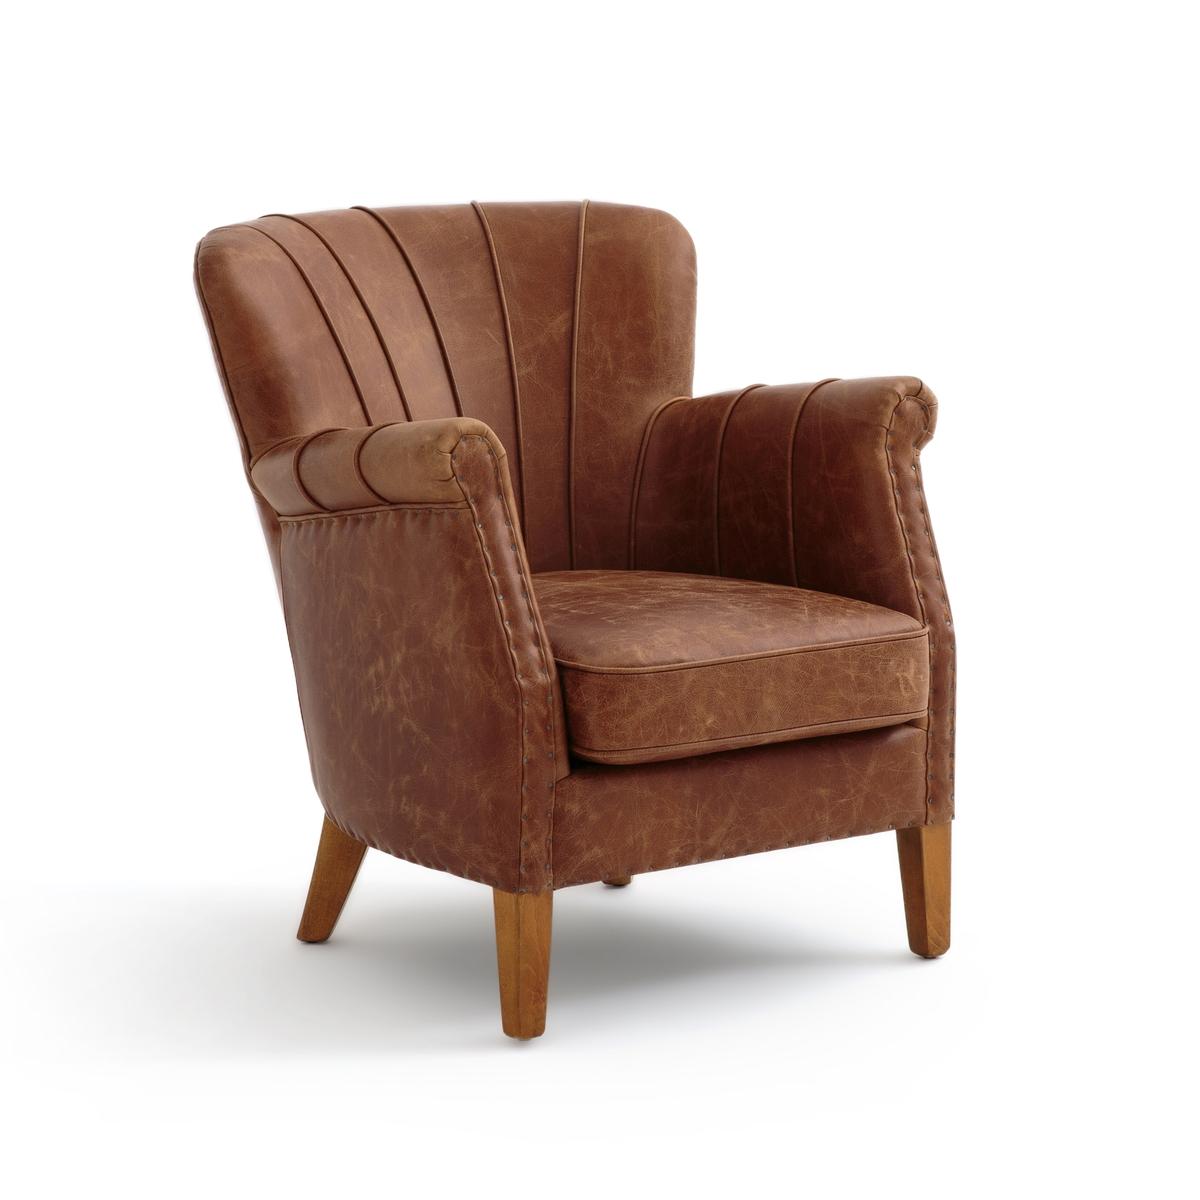 Кресло LaRedoute Из яловичной кожи NOTTINGHAM единый размер каштановый